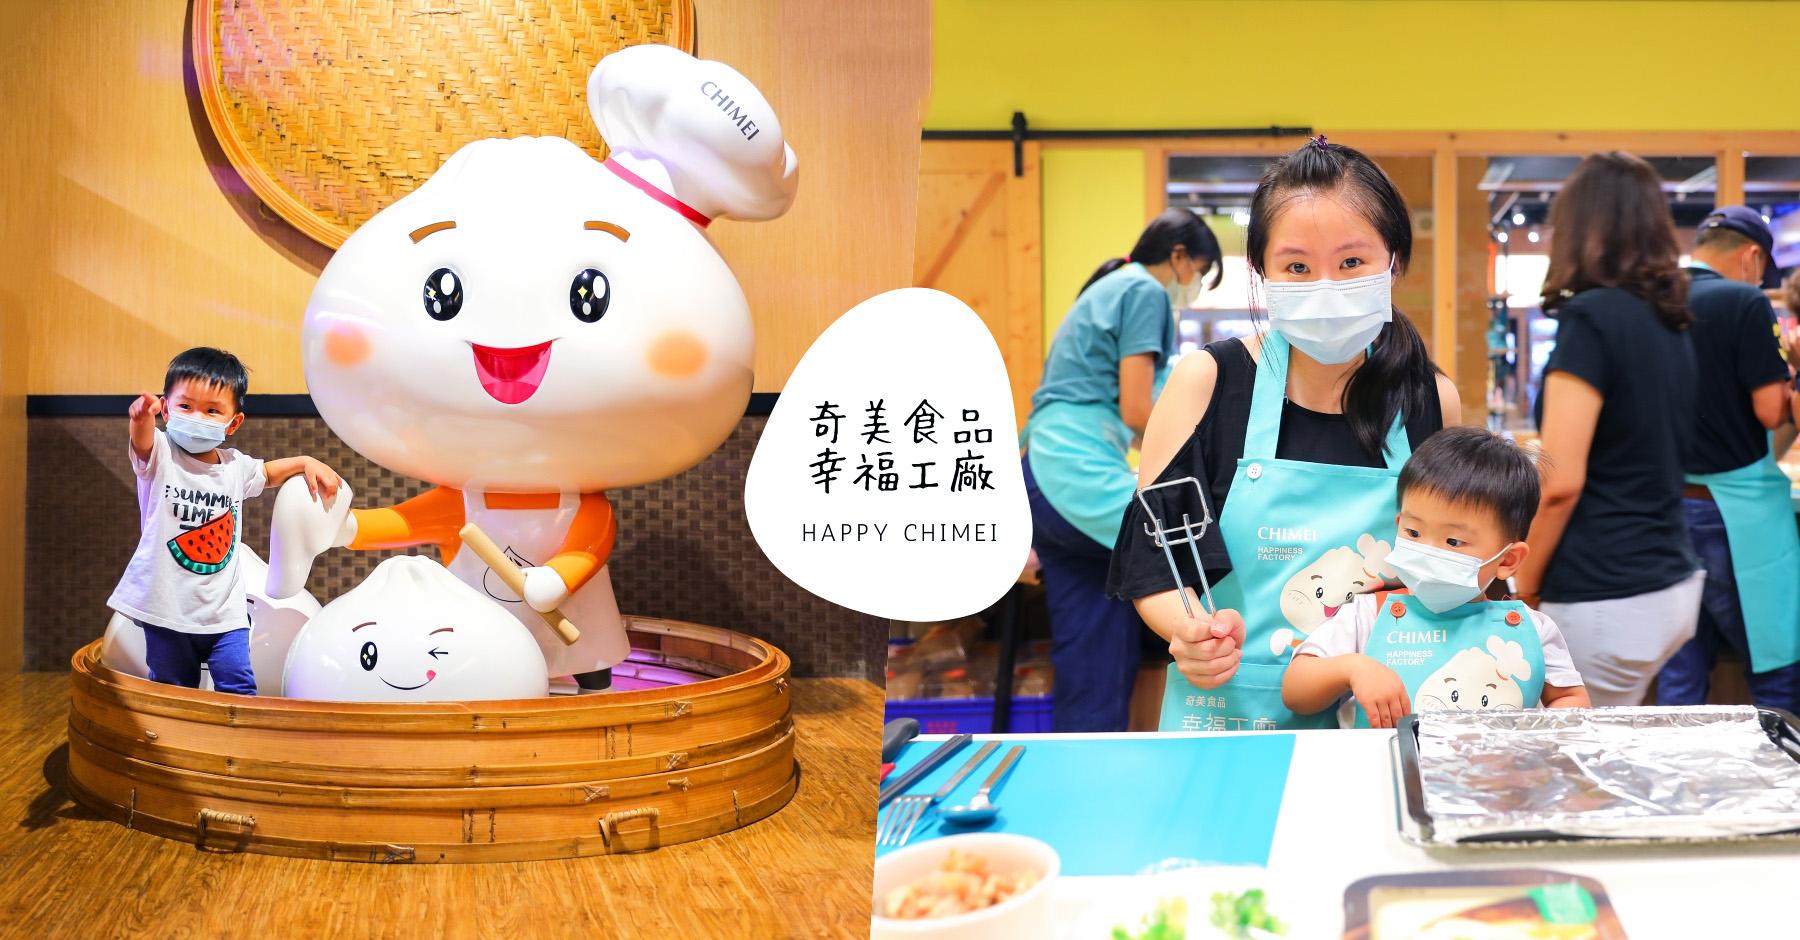 台南親子景點|奇美食品幸福工廠|親子餐廳菜單及台南野餐DIY體驗課程觀光工廠伴手禮